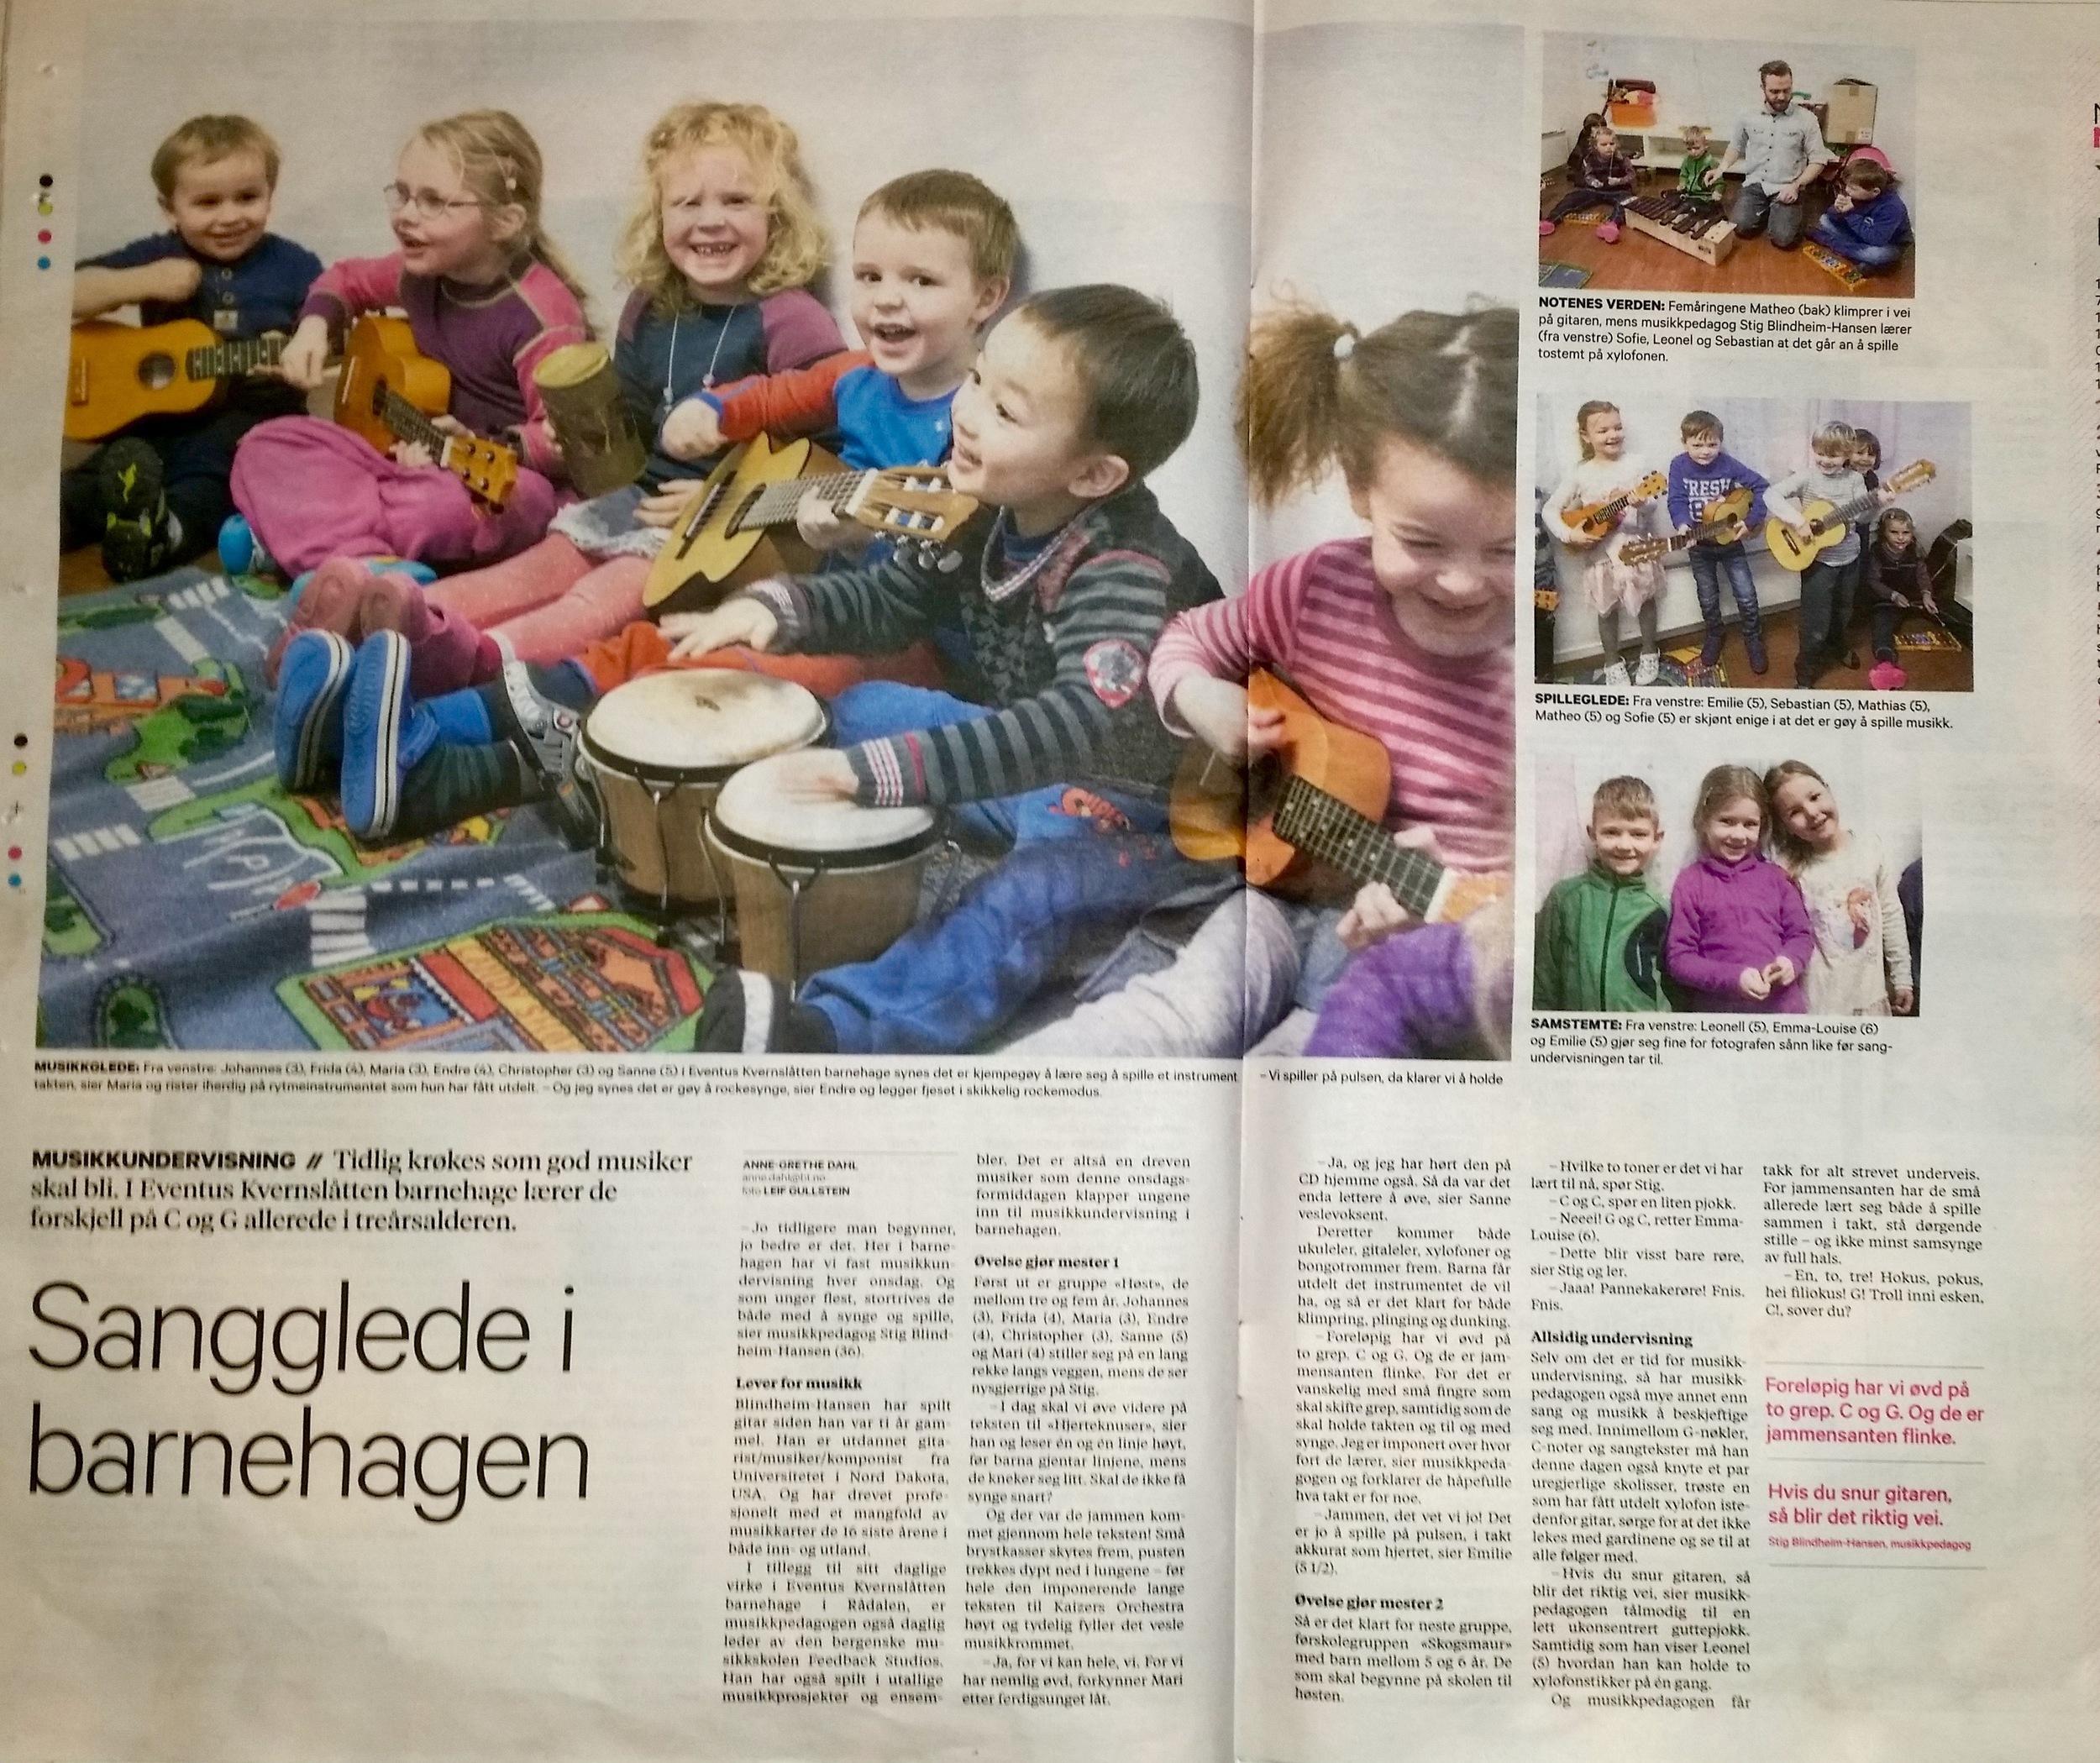 Musikkundervisning i Eventus Kvernslåtten Barnehage i Bergen. (fra Bergens Tidene 5. Februar)